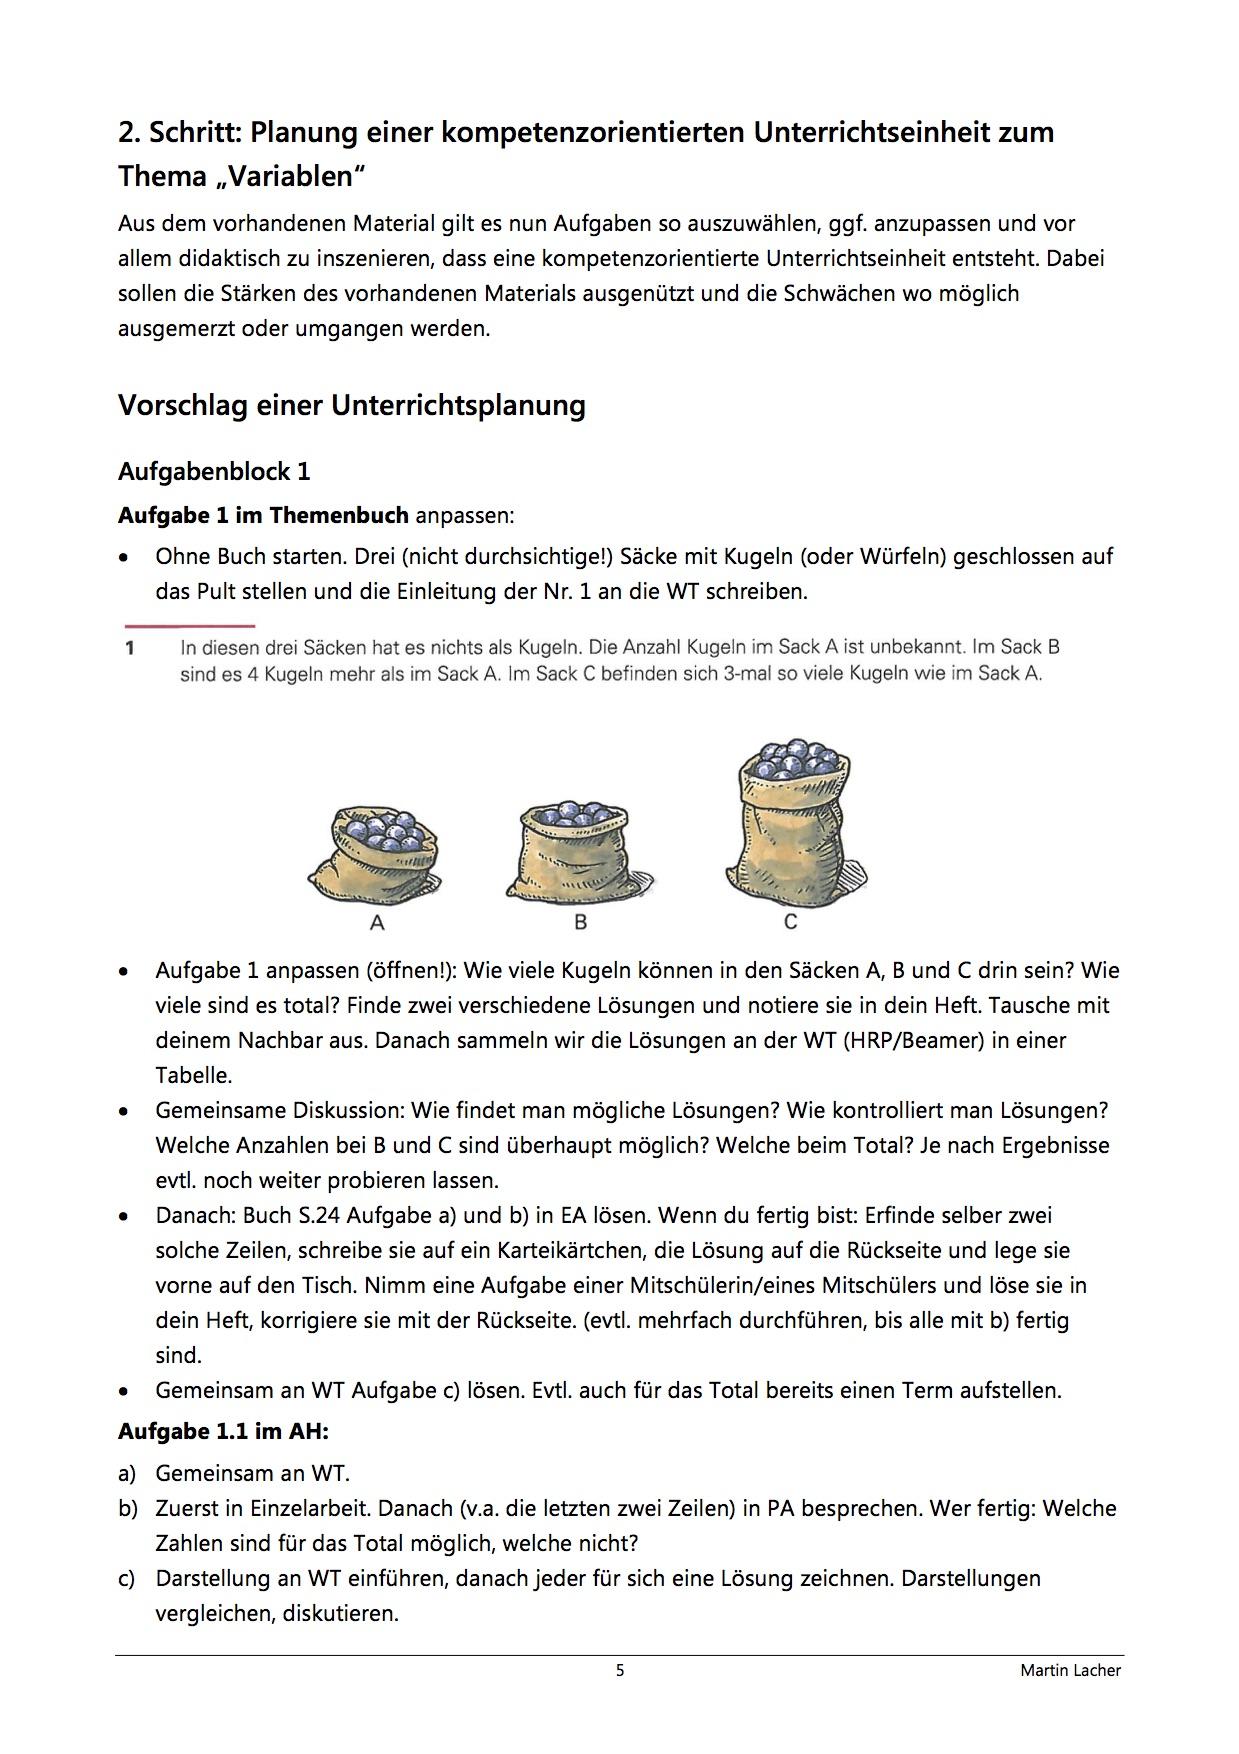 Preview image for LOM object Planung einer kompetenzorientierten Unterrichtseinheit zu Variablen